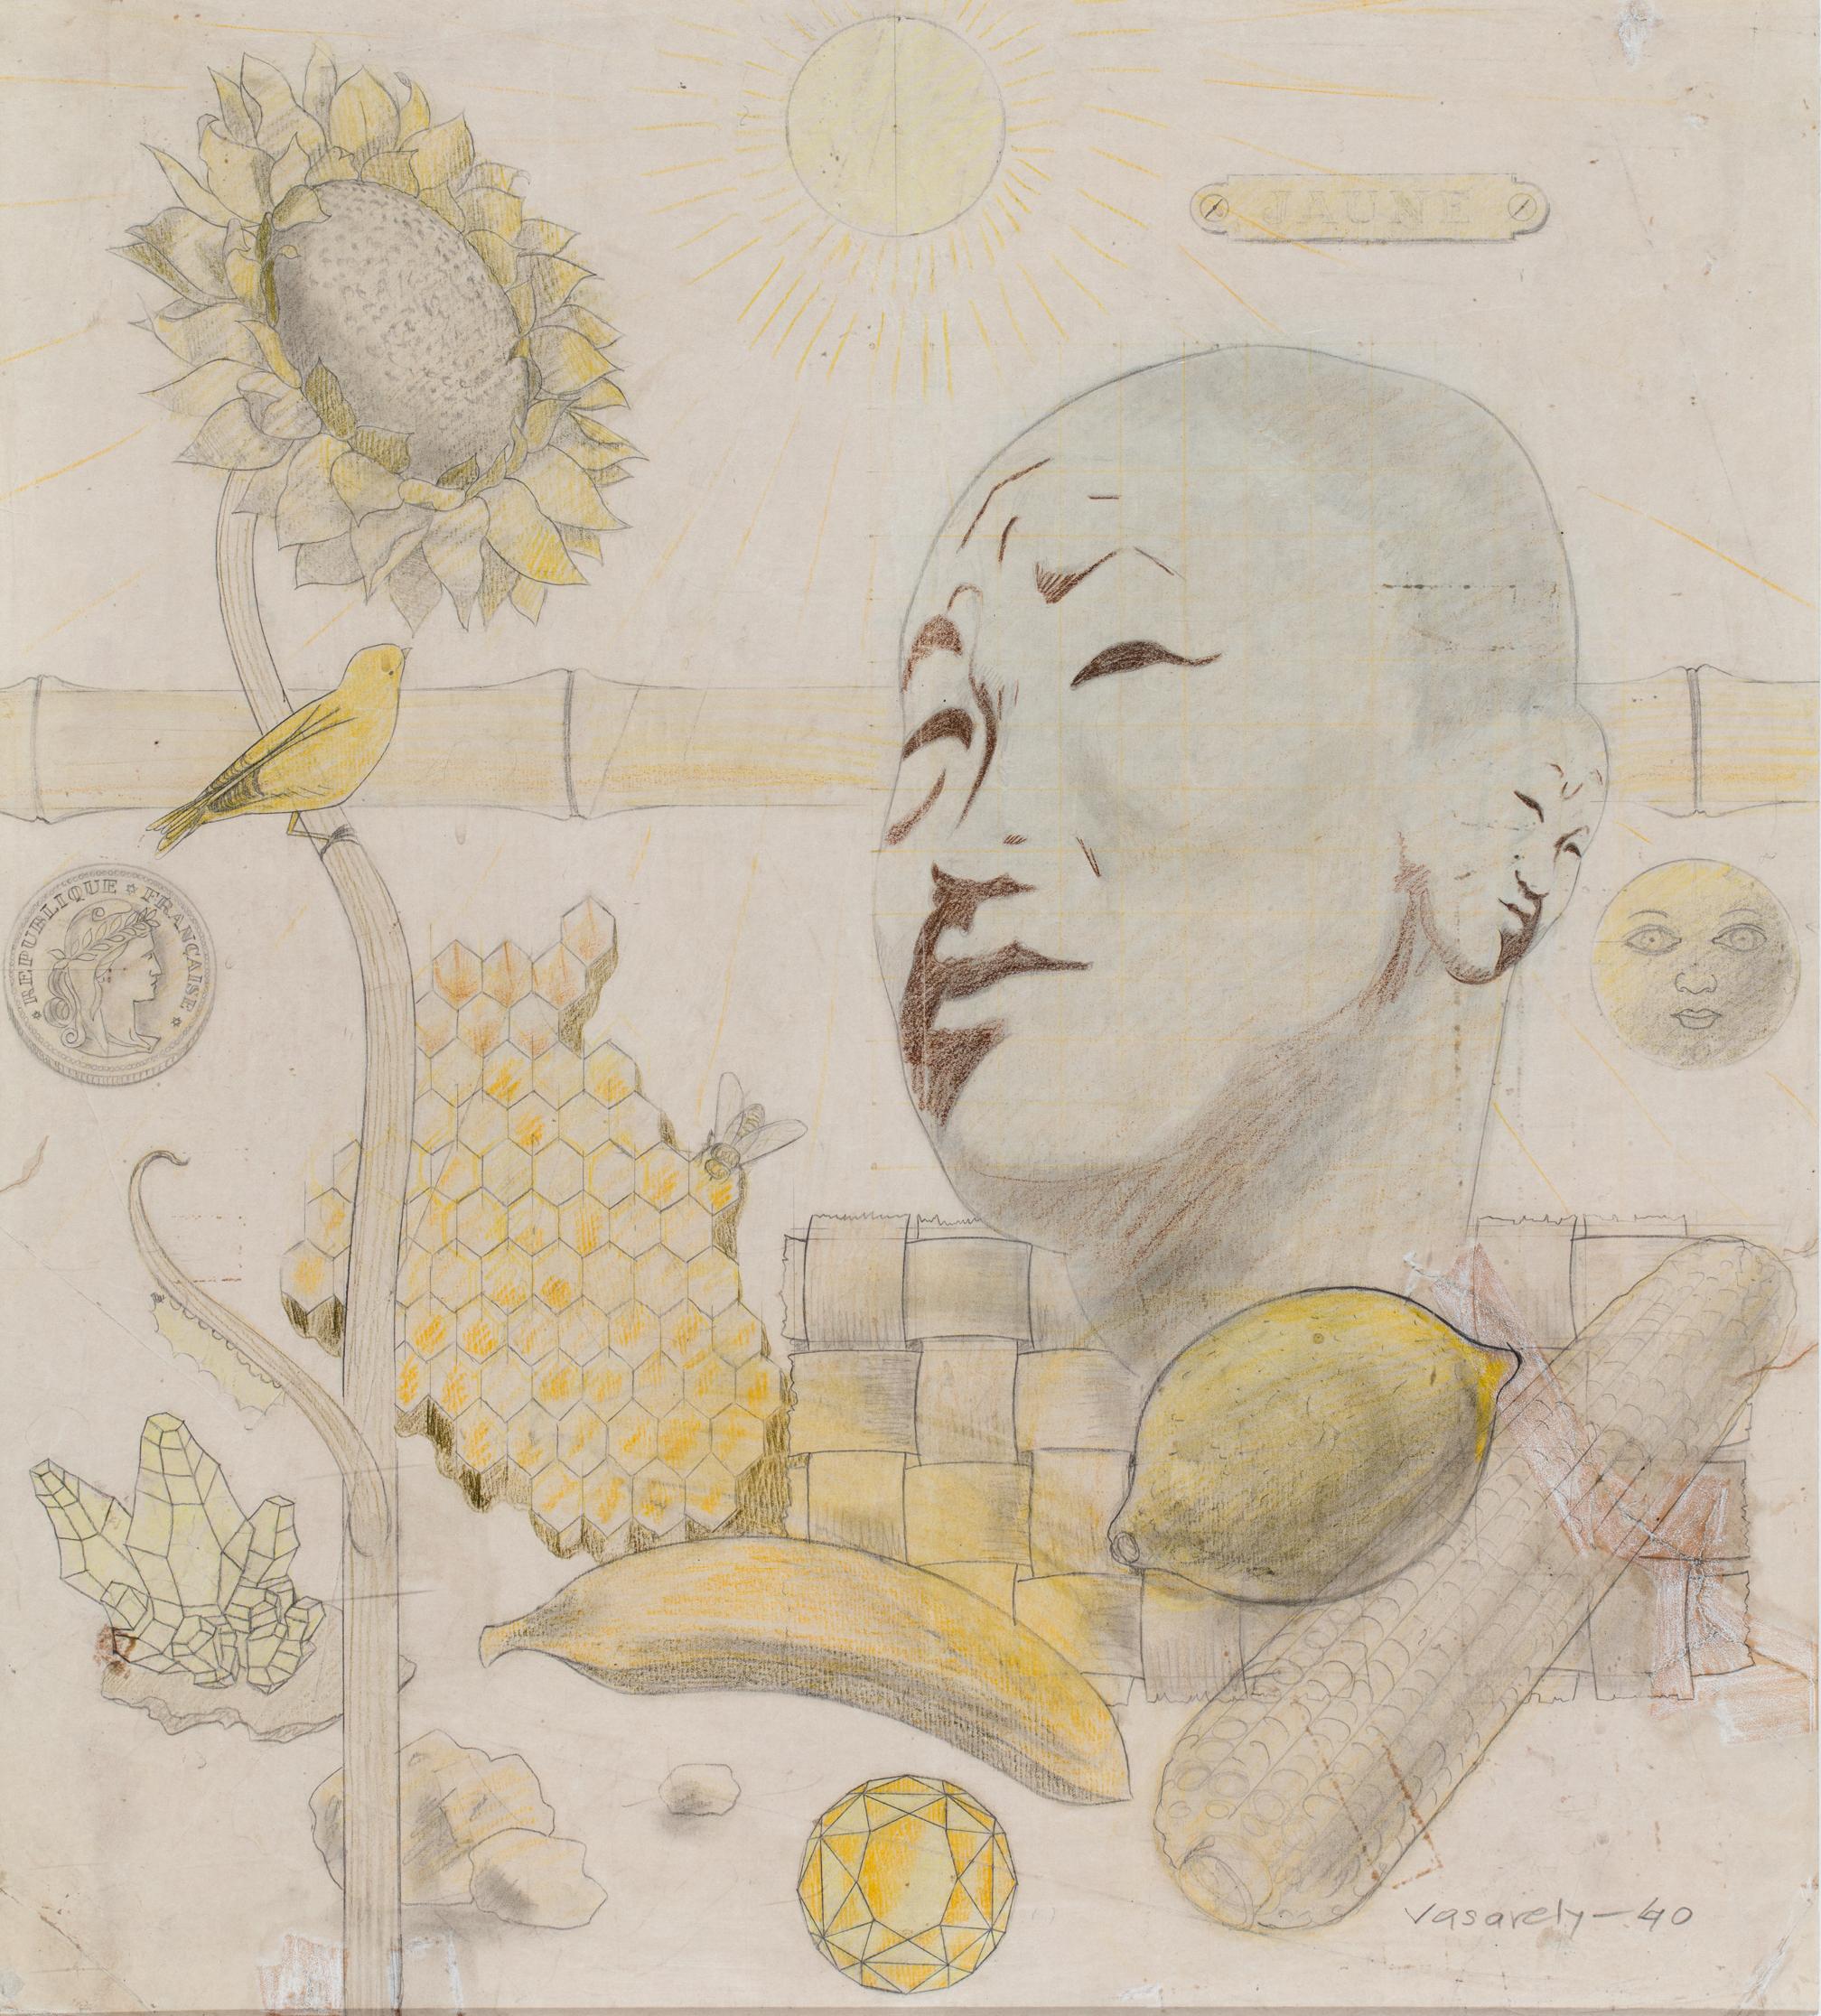 Victor Vasarely Étude jaune 1940